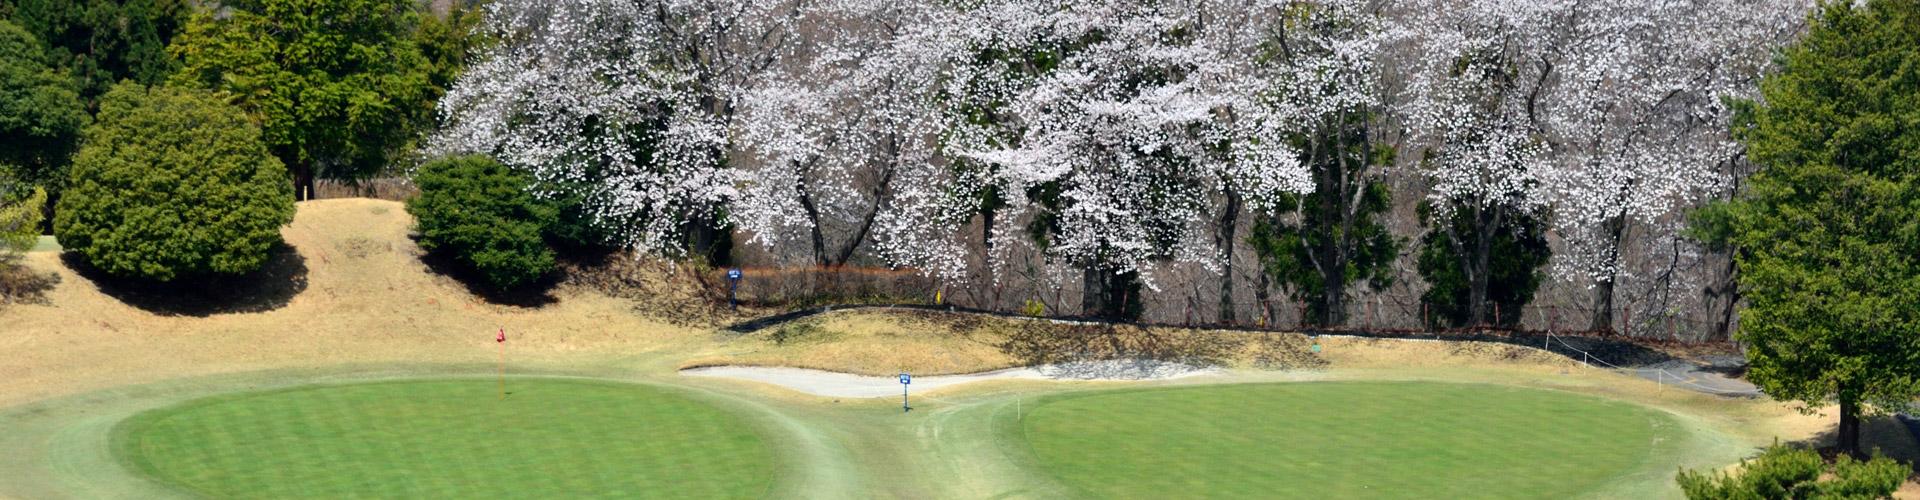 ゴルフ コロナ 場 感染